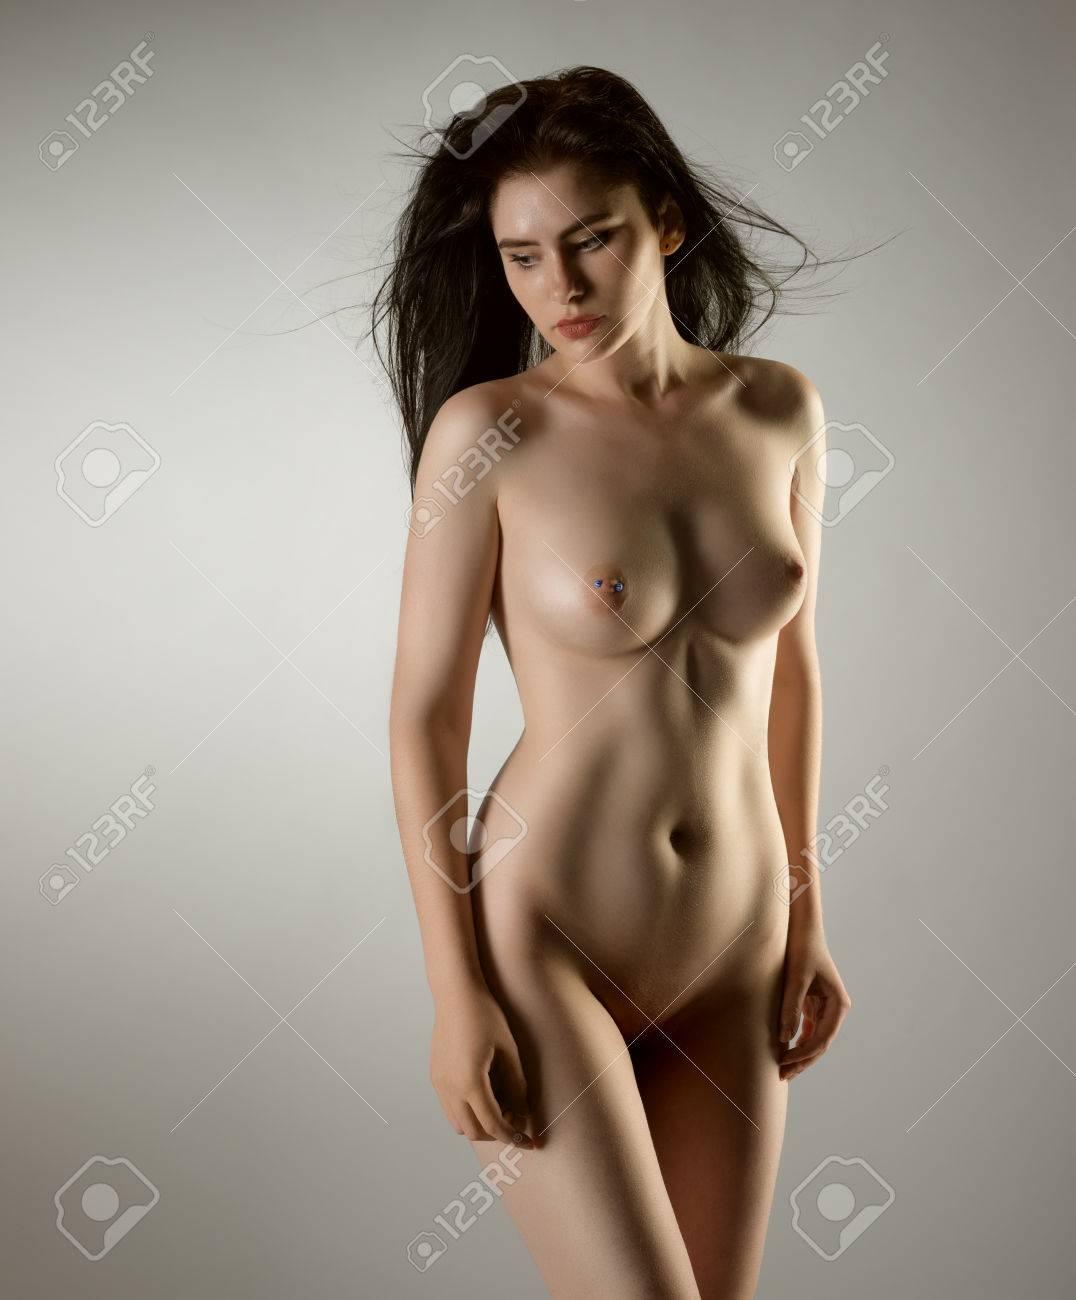 schöne mädchen bilder nackt